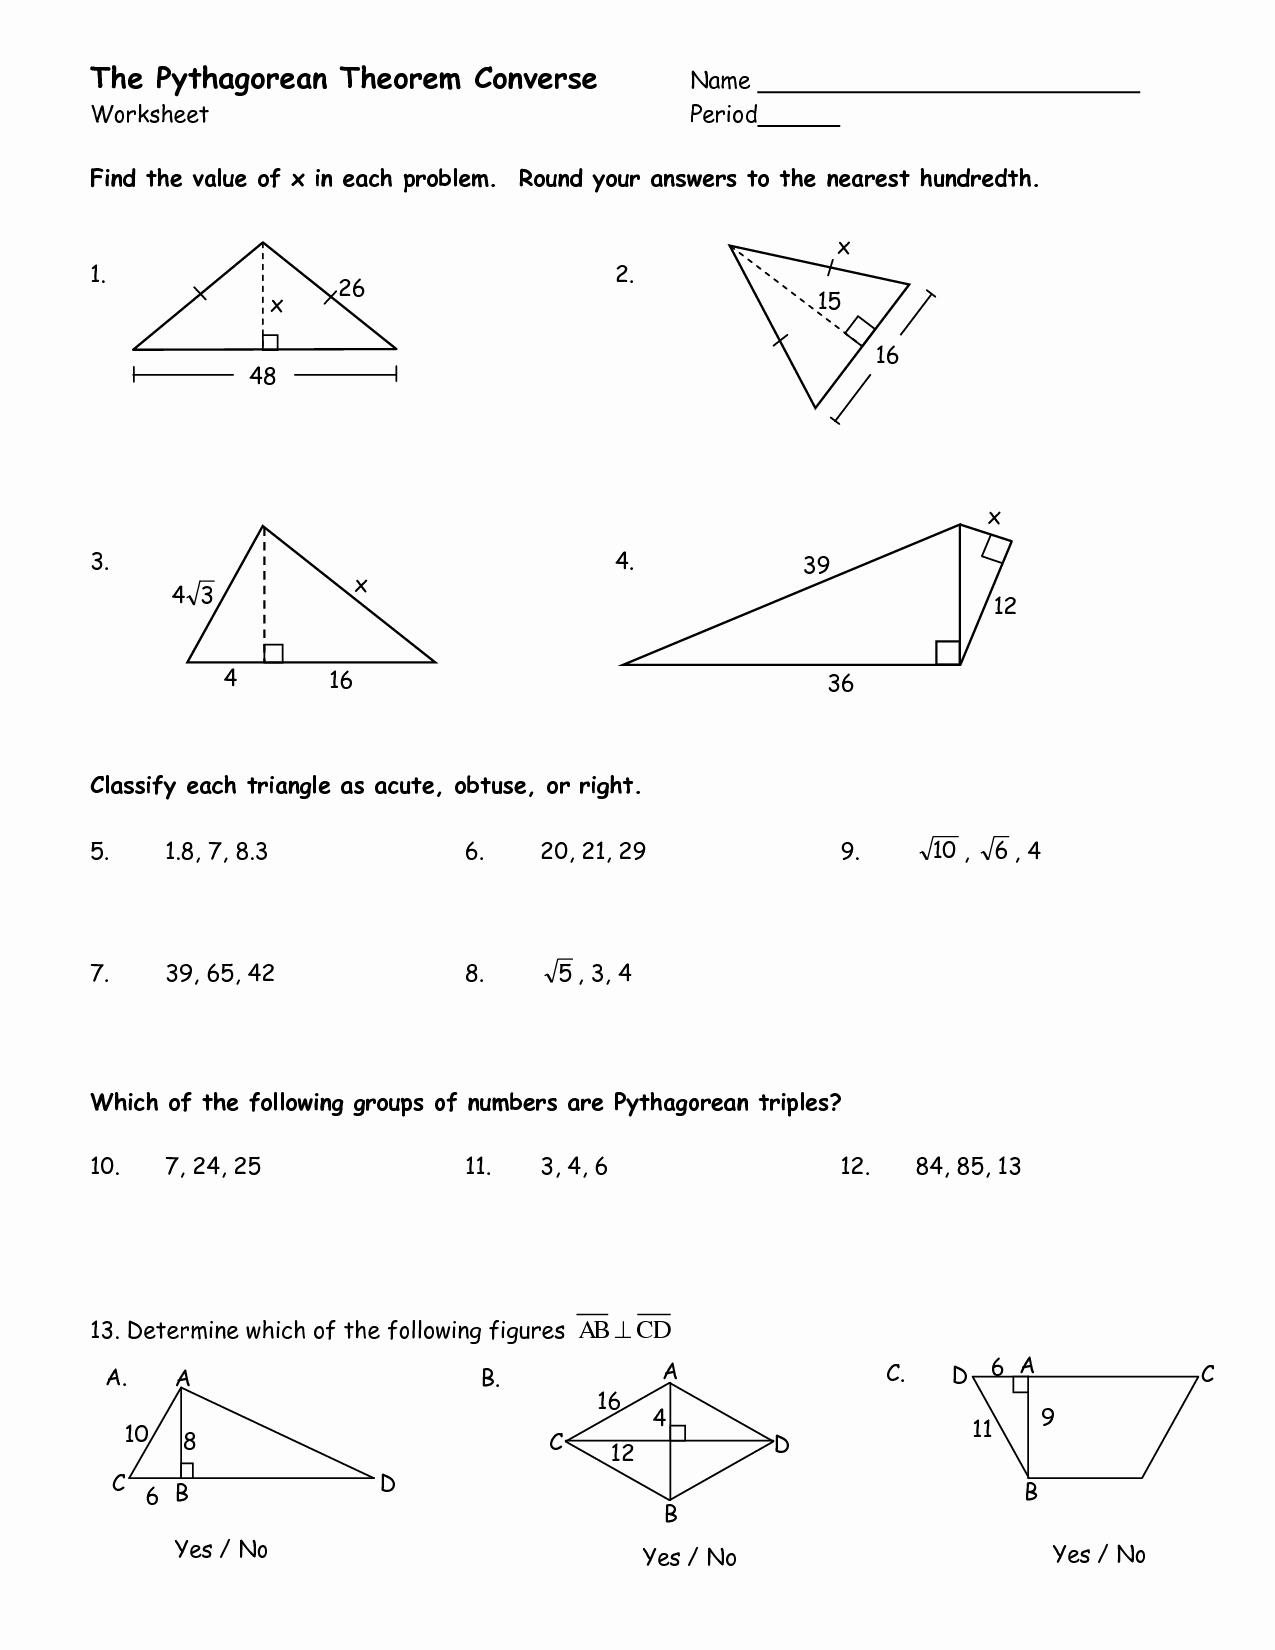 50 Pythagorean Theorem Worksheet Answers